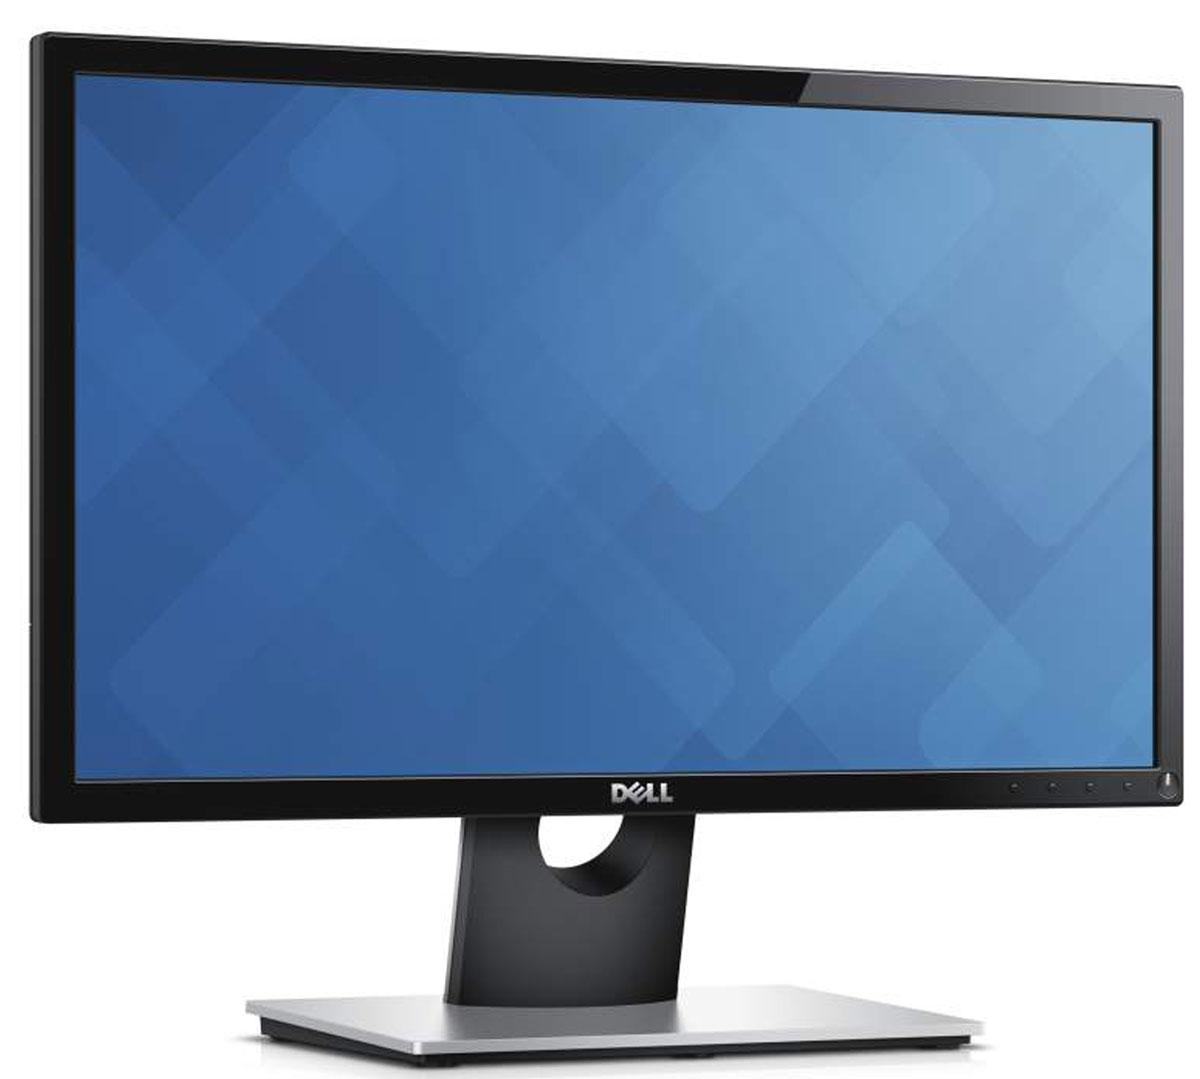 Dell SE2216H, Black монитор216H-2016Недорогой 22-дюймовый монитор Dell для повседневной работы с расширенной областью обзора благодаря усовершенствованной лицевой панелии стильным дизайном.Элегантность в каждой мелочи. Глянцевые тонкие фронтальные панели, классическая черная отделка и покрытое алюминием основаниеформируют элегантное и современное решение, дизайн которого будет соответствовать любому интерьеру. Простой доступ. Кнопки быстрогодоступа на нижней лицевой панели обеспечивают простоту регулировки изображения. Устойчивая подставка. Наклоните монитор подоптимальным углом с помощью надежной подставки.Увеличенная до максимума область просмотра. Пользуйтесь всем пространством области просмотра с диагональю 54,6 см (21,5 дюйма)благодаря усовершенствованным фронтальным панелям. Впечатляющие характеристики экрана. Наслаждайтесь насыщенной, точнойи согласованной цветопередачей на дисплее с поддержкой разрешения Full HD (1920x1080) со сверхшироким углом обзора (178°). Превосходнаячеткость. Отметьте практически полное отсутствие отражения на удивительно четком и изящном экране.Простое подключение к компьютеру. Монитор совместим как с современными компьютерами, так и с системами предыдущих поколенийблагодаря наличию разъемов VGA и HDMI. Спокойствие обеспечено. Приобретая монитор Dell, вы получаете расширенное обслуживание сзаменой , действующее в течение трехлетней ограниченной гарантии на оборудование.Сокращение воздействия на окружающую среду. 22-дюймовый монитор Dell поддерживает технологию PowerNap, которая уменьшает яркостьэкрана неиспользуемого монитора или переводит его в спящий режим. Это монитор также соответствует требованиям новейших нормативныхтребований и экологических стандартов.